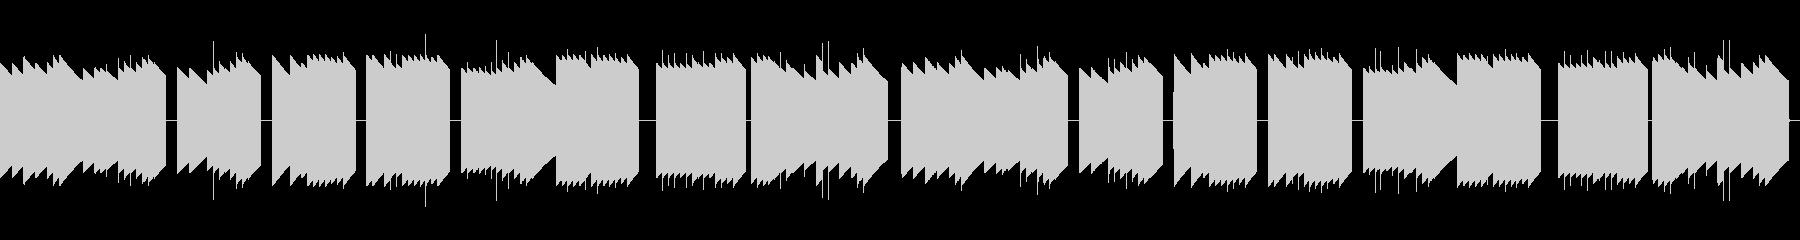 歩行者用信号機の音_とおりゃんせ_04の未再生の波形